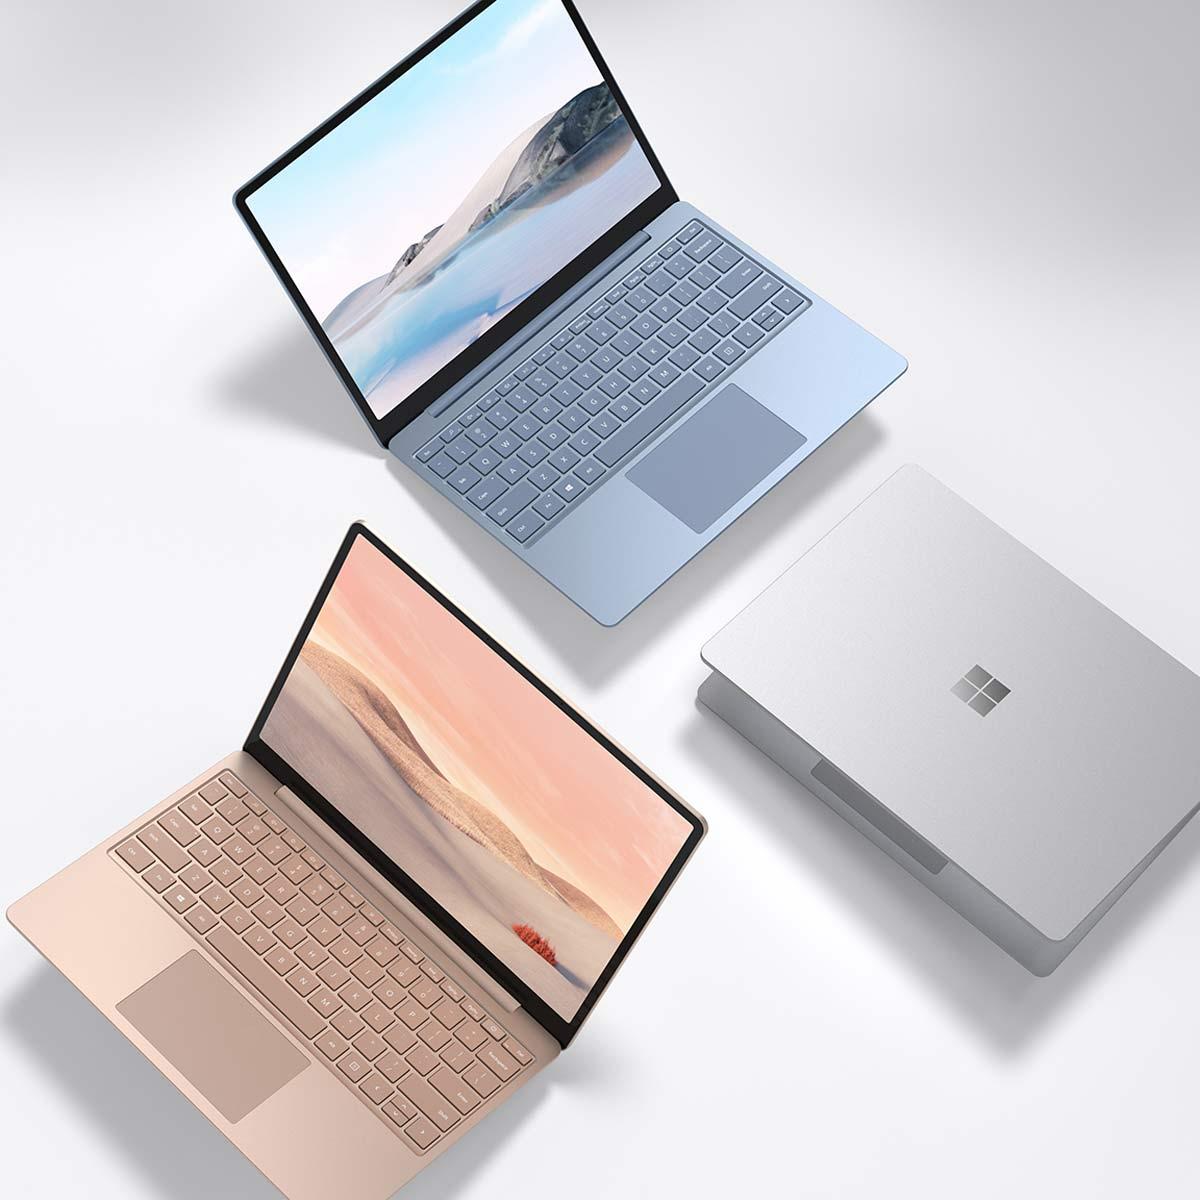 お財布にやさしい「Surface Laptop Go」登場! 12.4型の小型ボディで価格は76,800円(税別)から